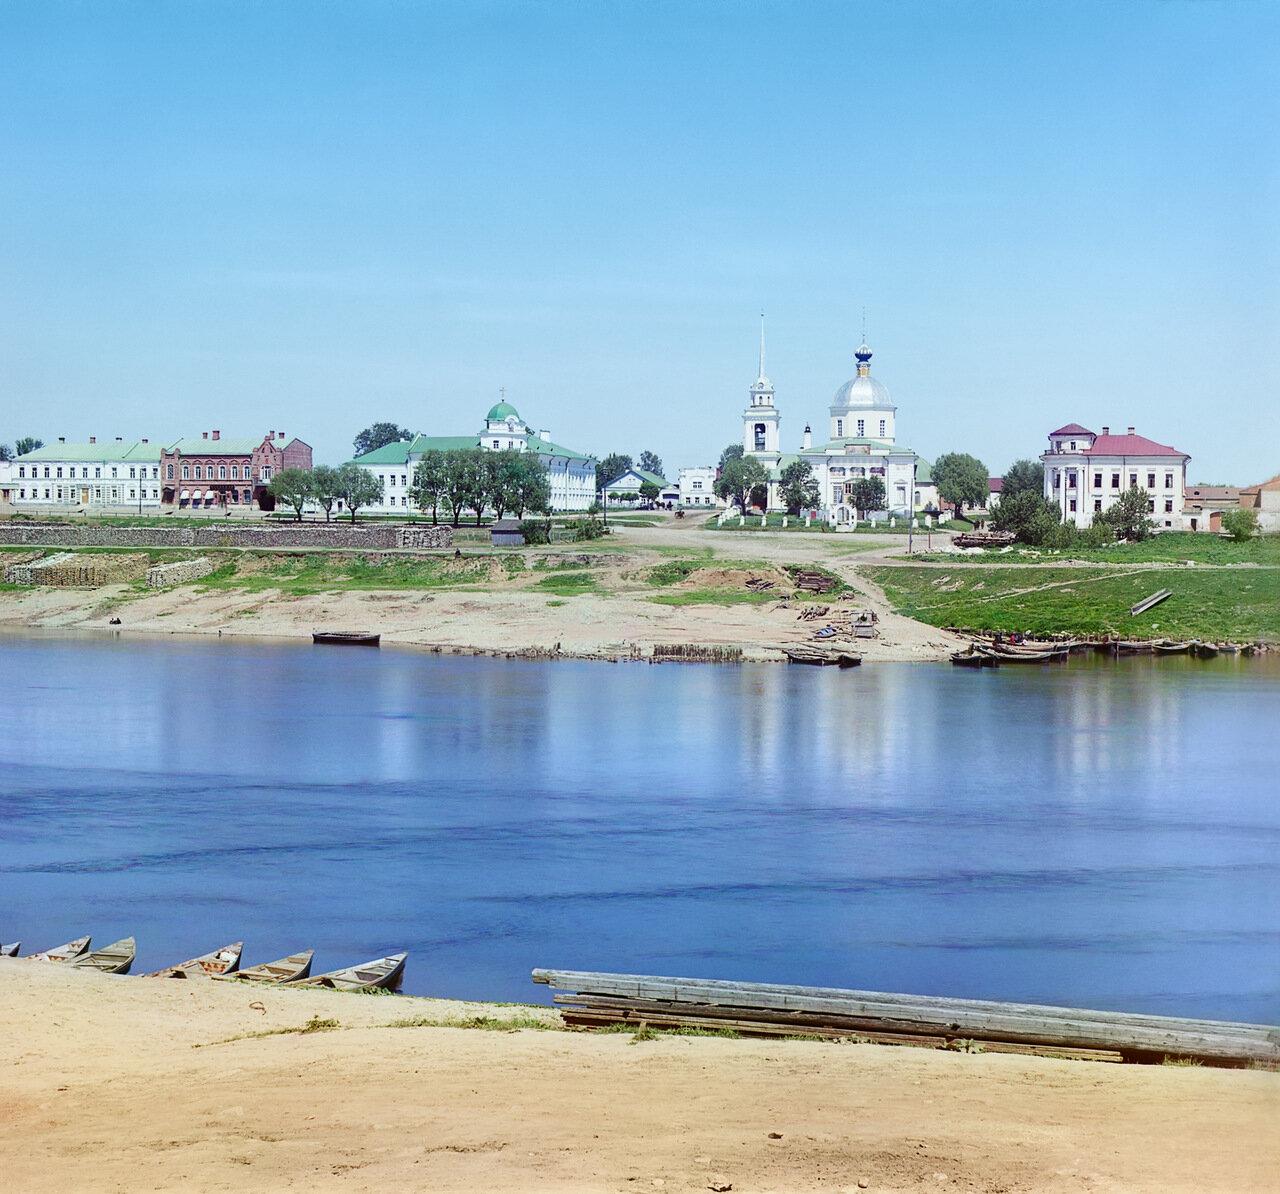 Вид на левый берег Волги с церковью Воскресения (Трех Исповедников)